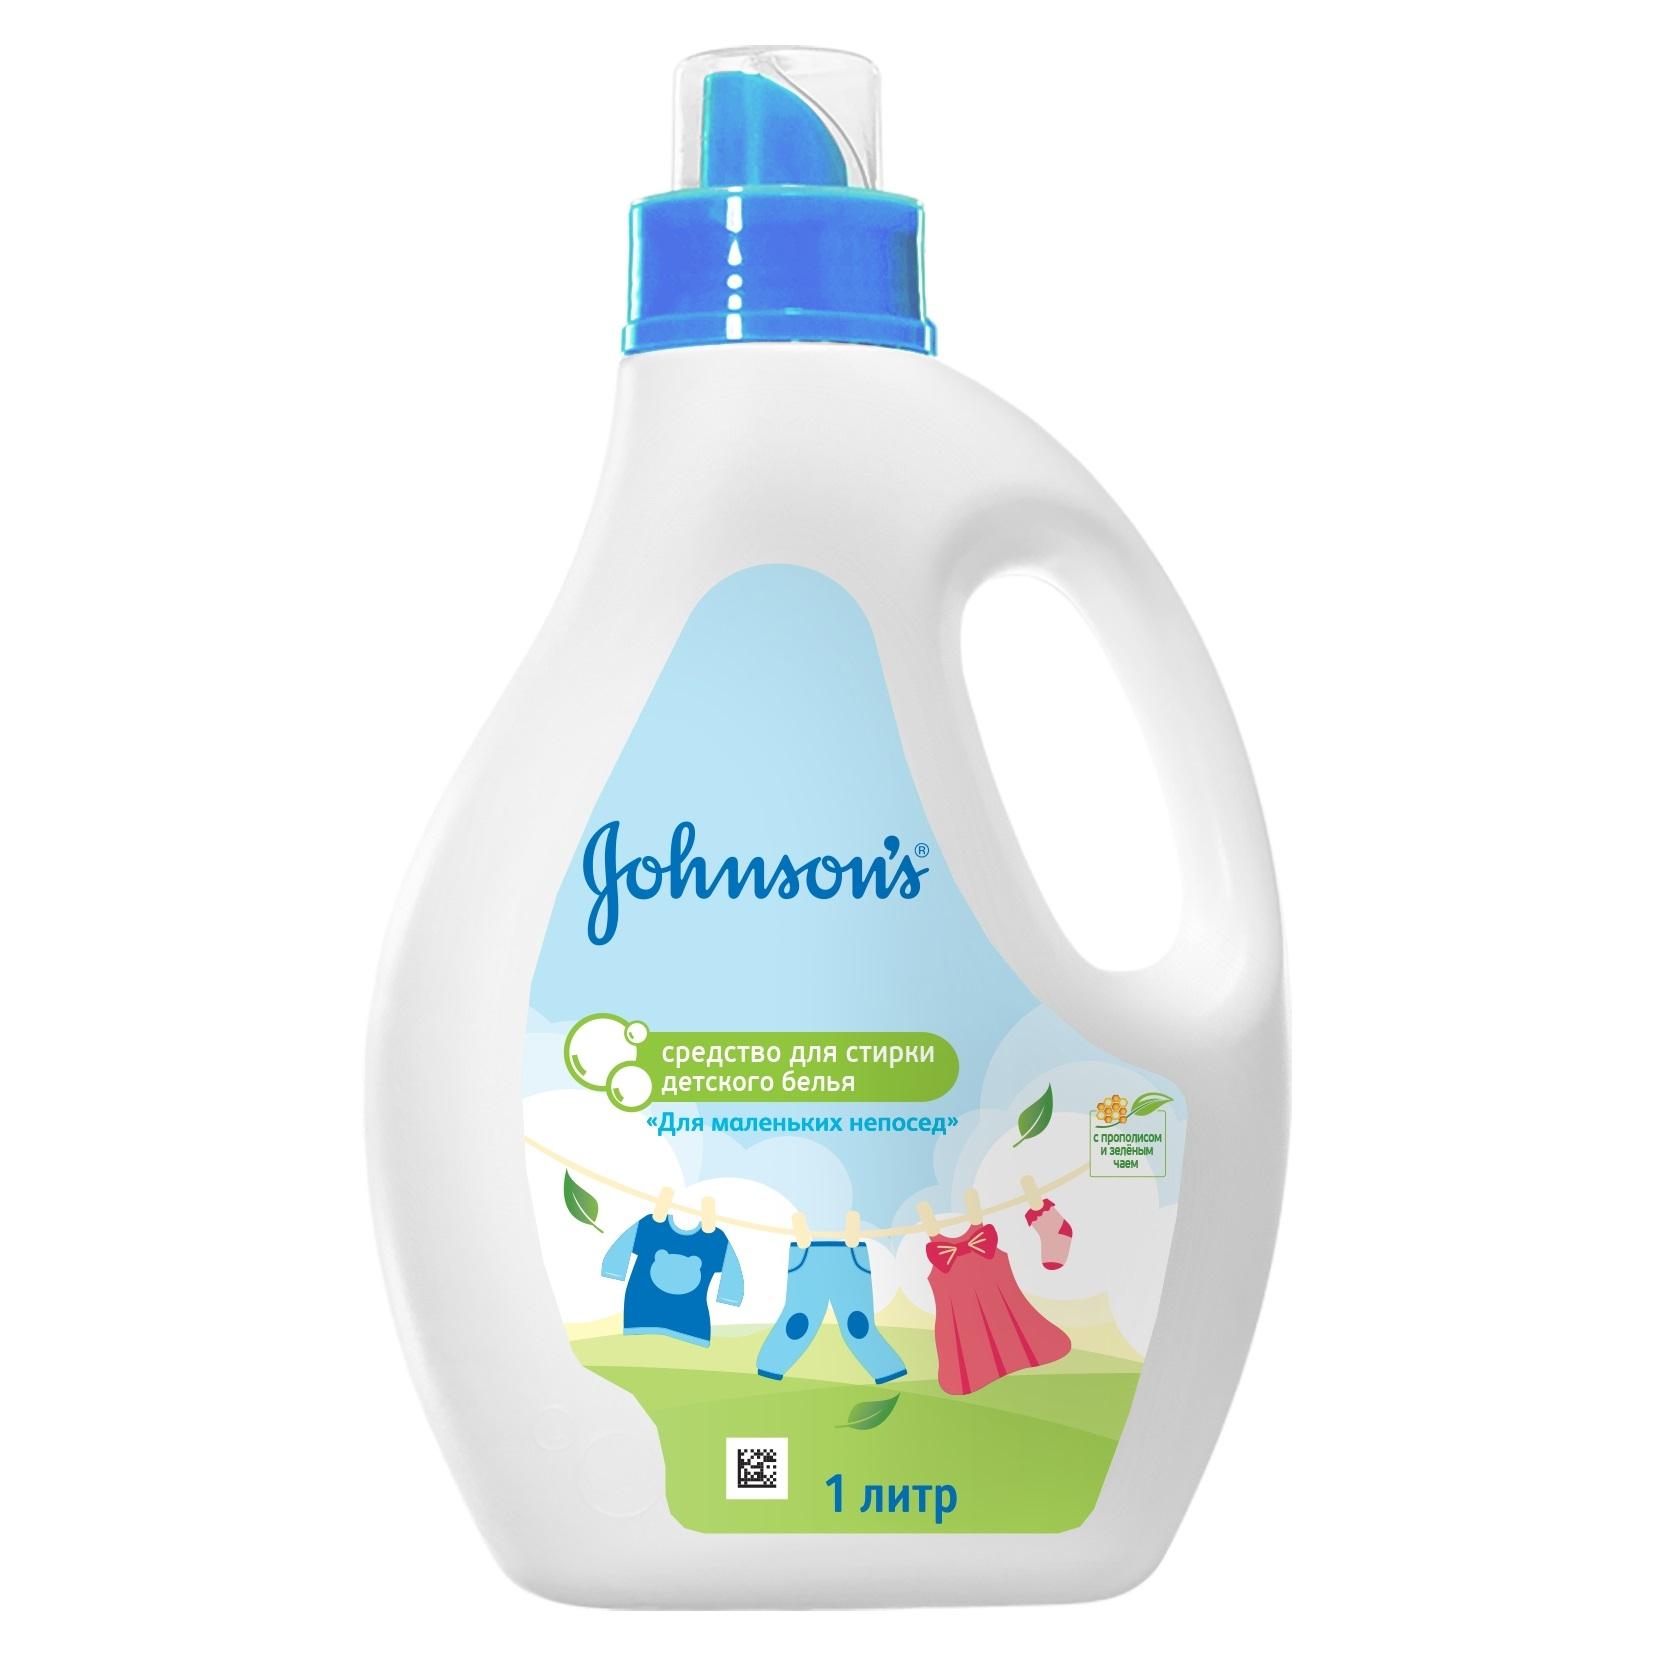 Средства для стирки Johnson's baby Средство для стирки детского белья Johnsons baby «Для маленьких непосед» 1 л жидкое средство для стирки детского белья burti baby 1 5 л